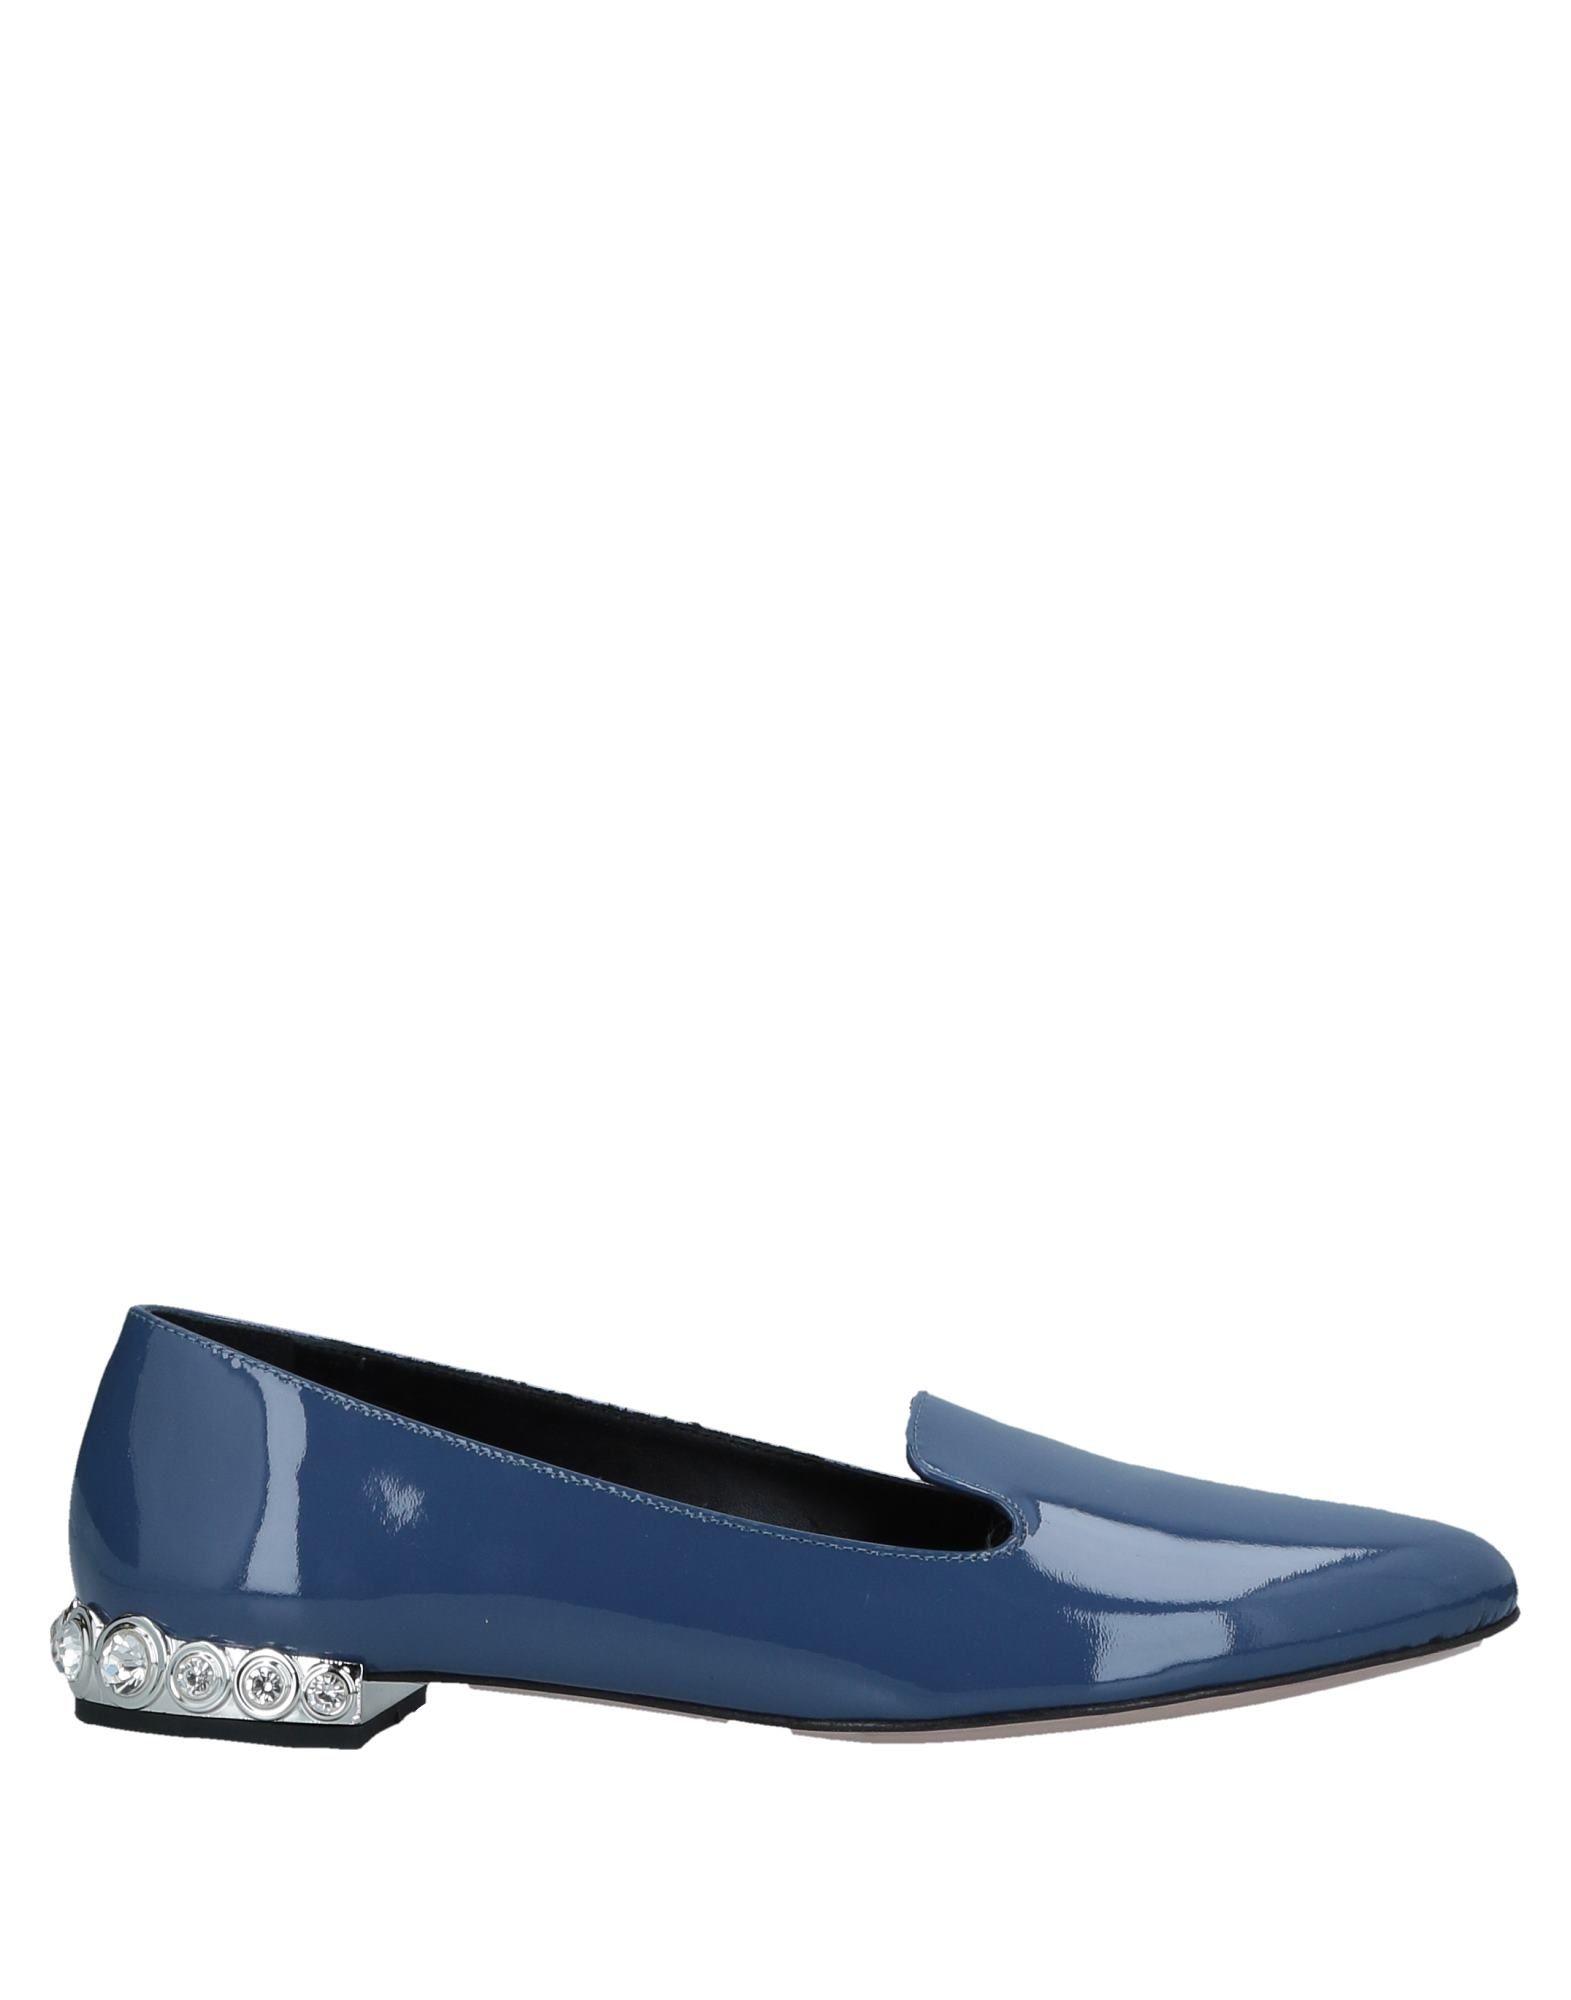 Miu Miu Mokassins Damen  11536417QWGünstige gut aussehende Schuhe